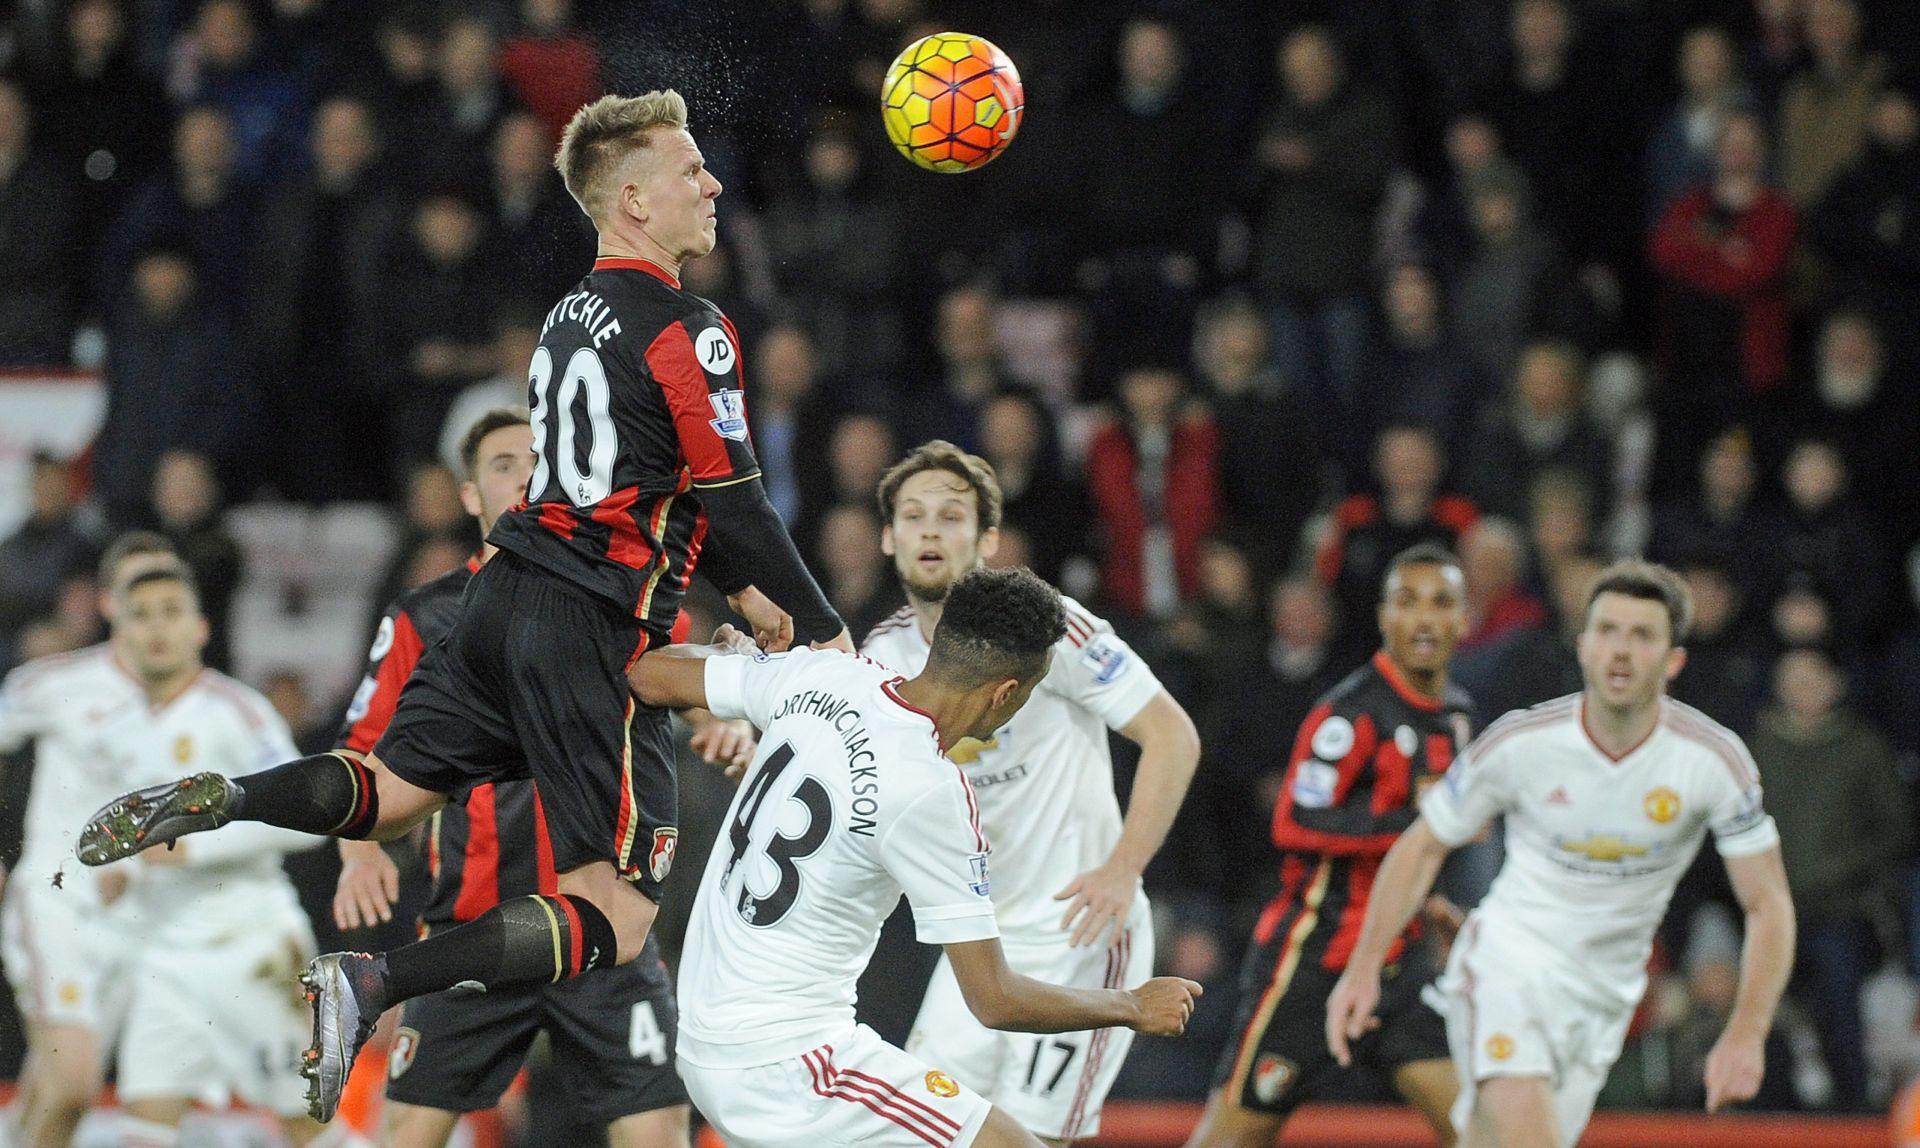 NOVO IZNENAĐENJE U ENGLESKOJ Bournemouth 'riješio' i United